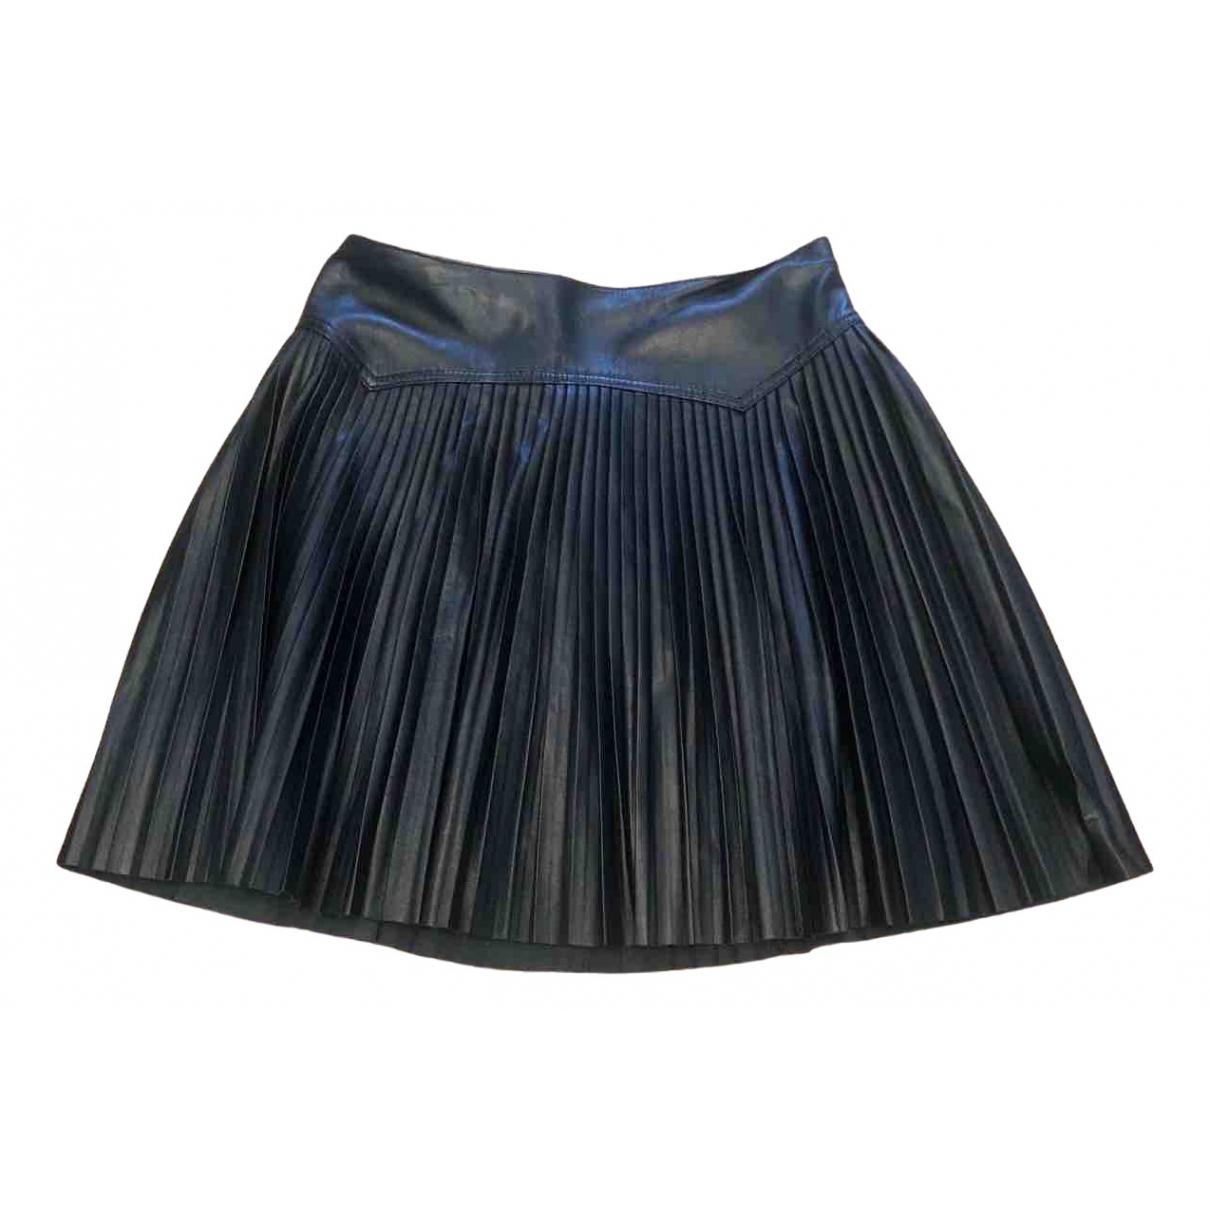 Alexander Mcqueen \N Black Leather skirt for Women 34 FR